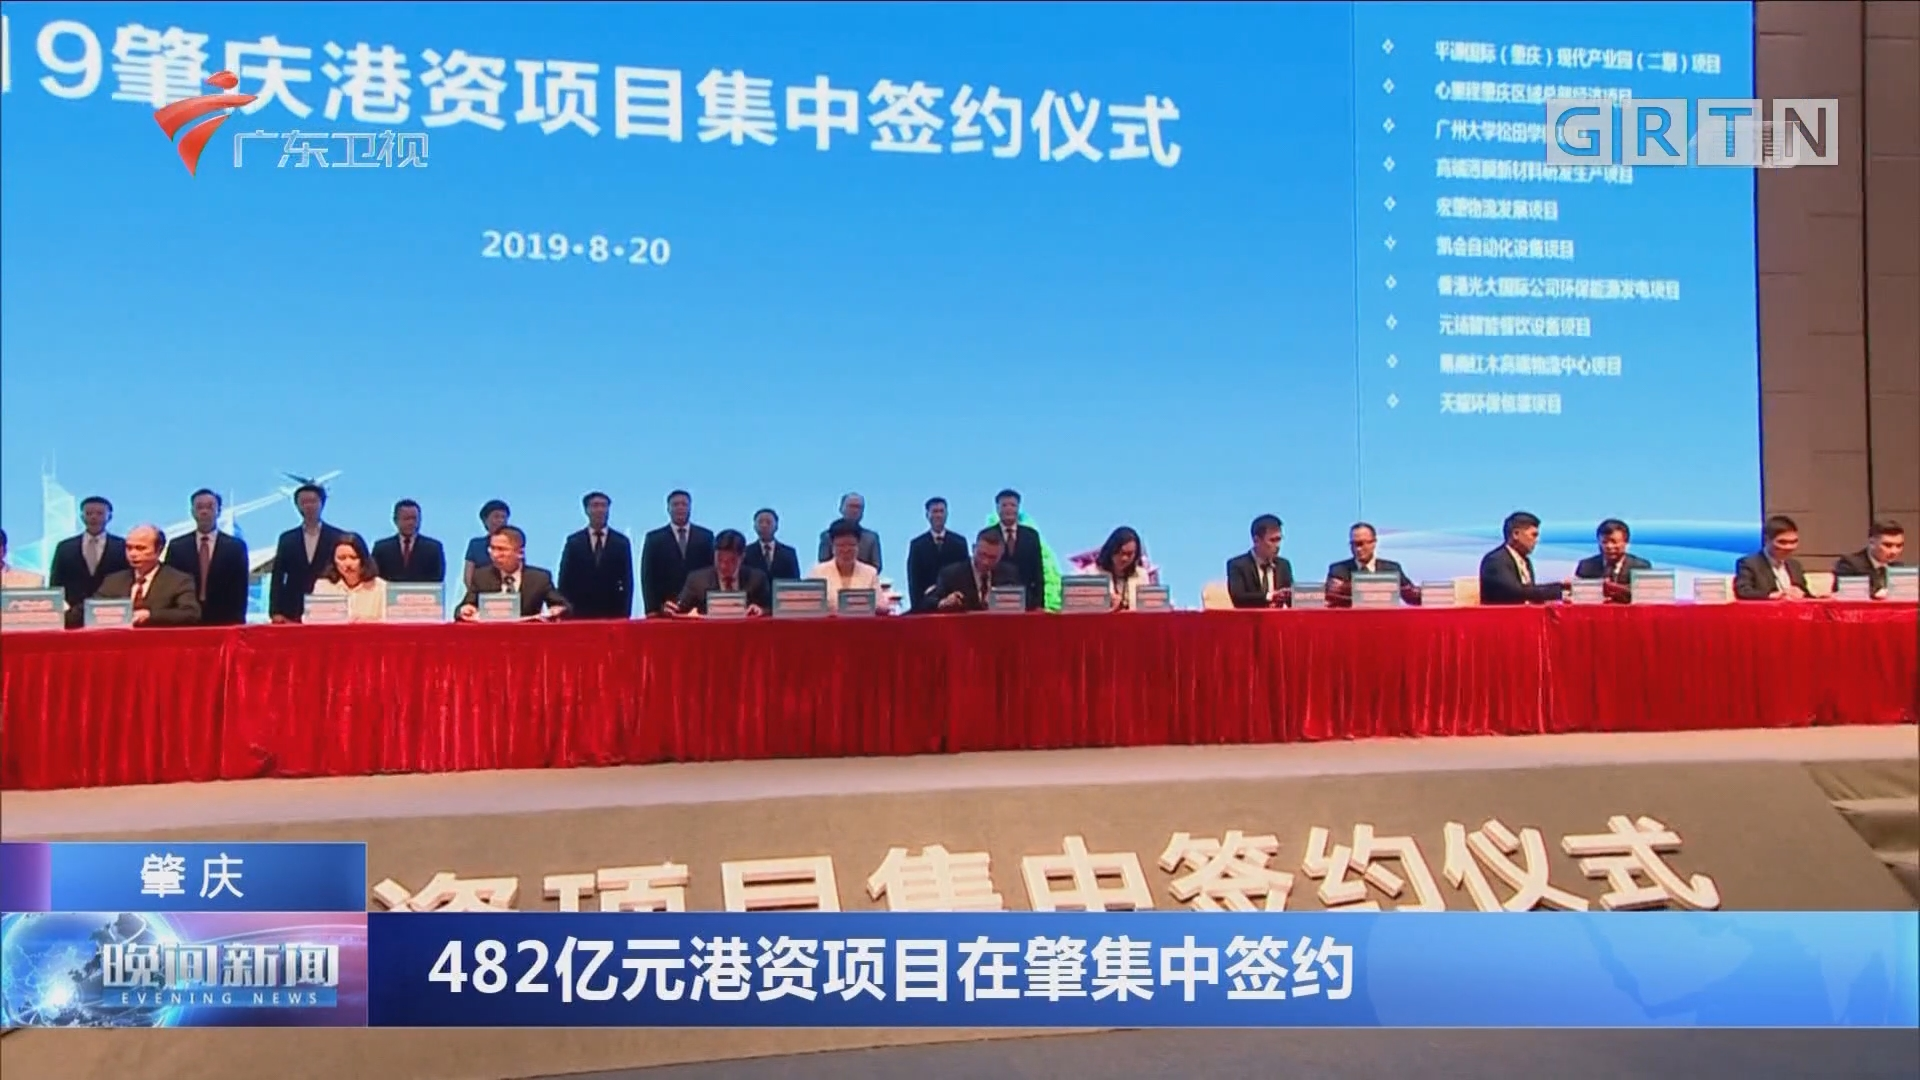 肇庆:482亿元港资项目在肇集中签约